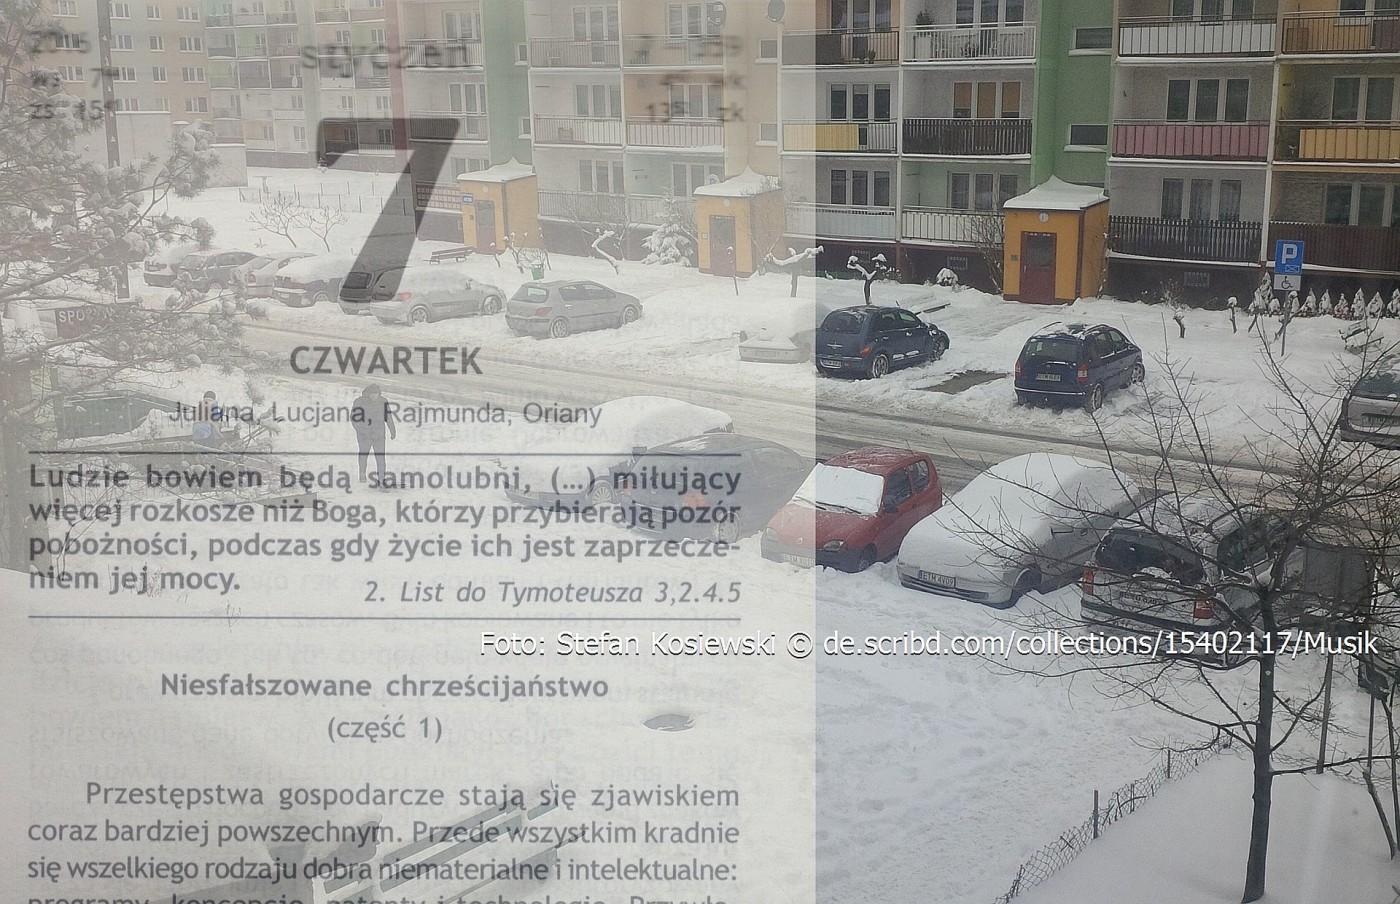 7 stycznia 2016 Andrzej Duda-Zderzak